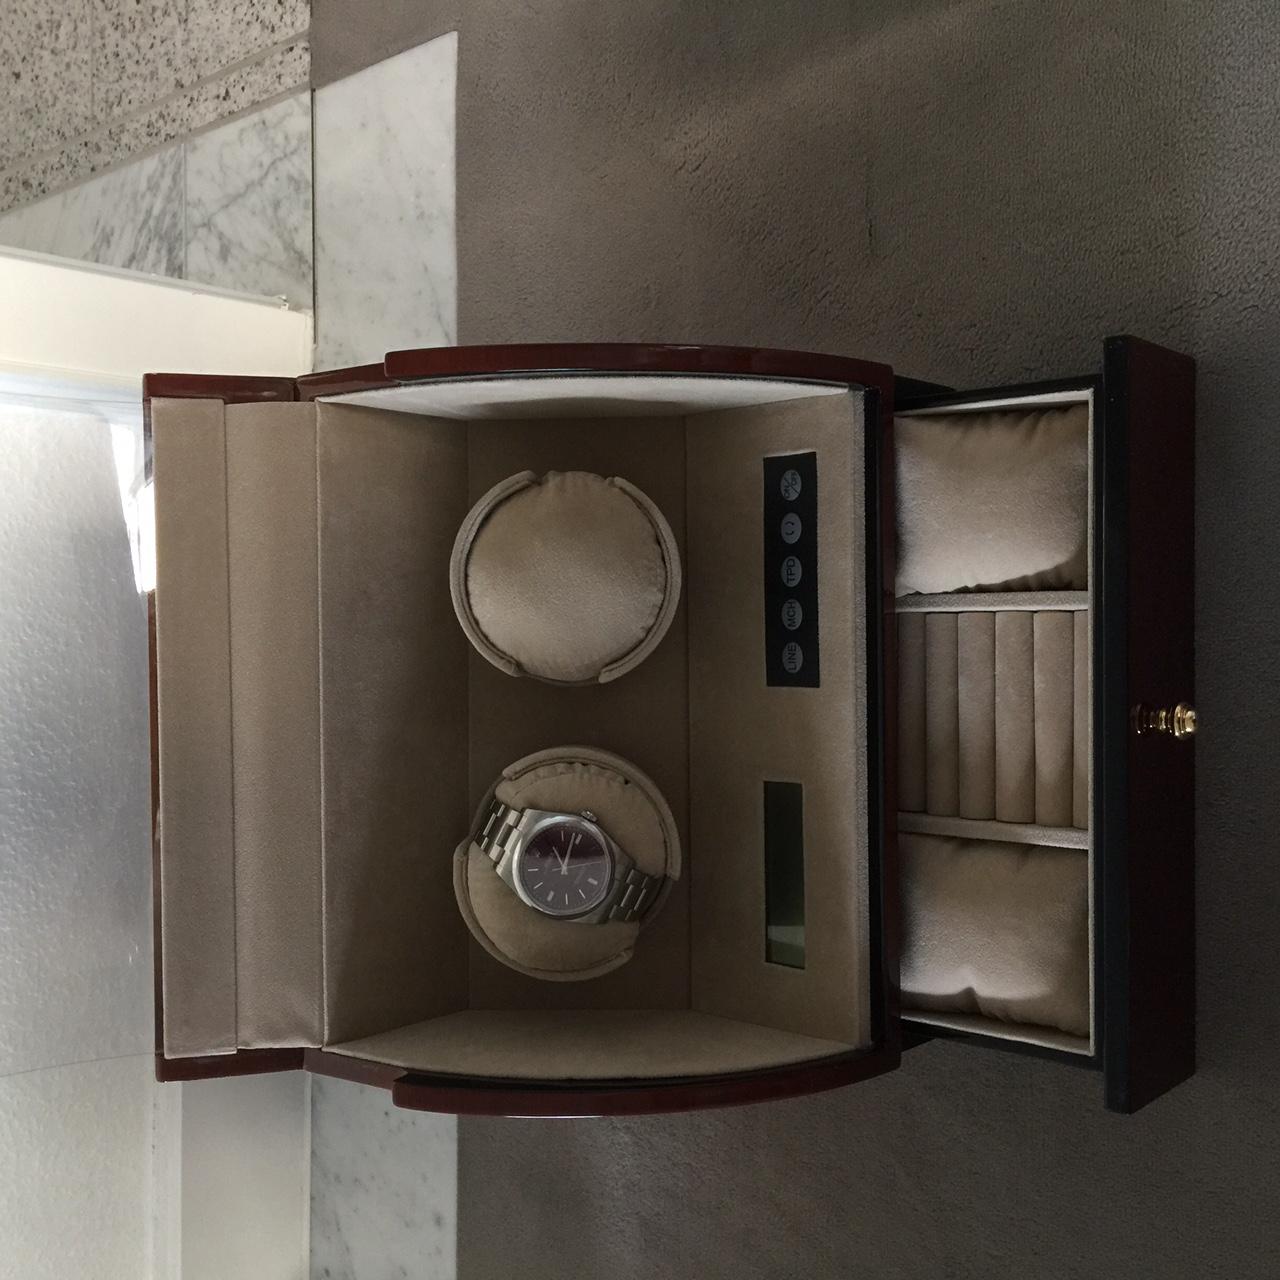 verkauf rothenschild uhrenbeweger f r 2 uhren uhrforum. Black Bedroom Furniture Sets. Home Design Ideas